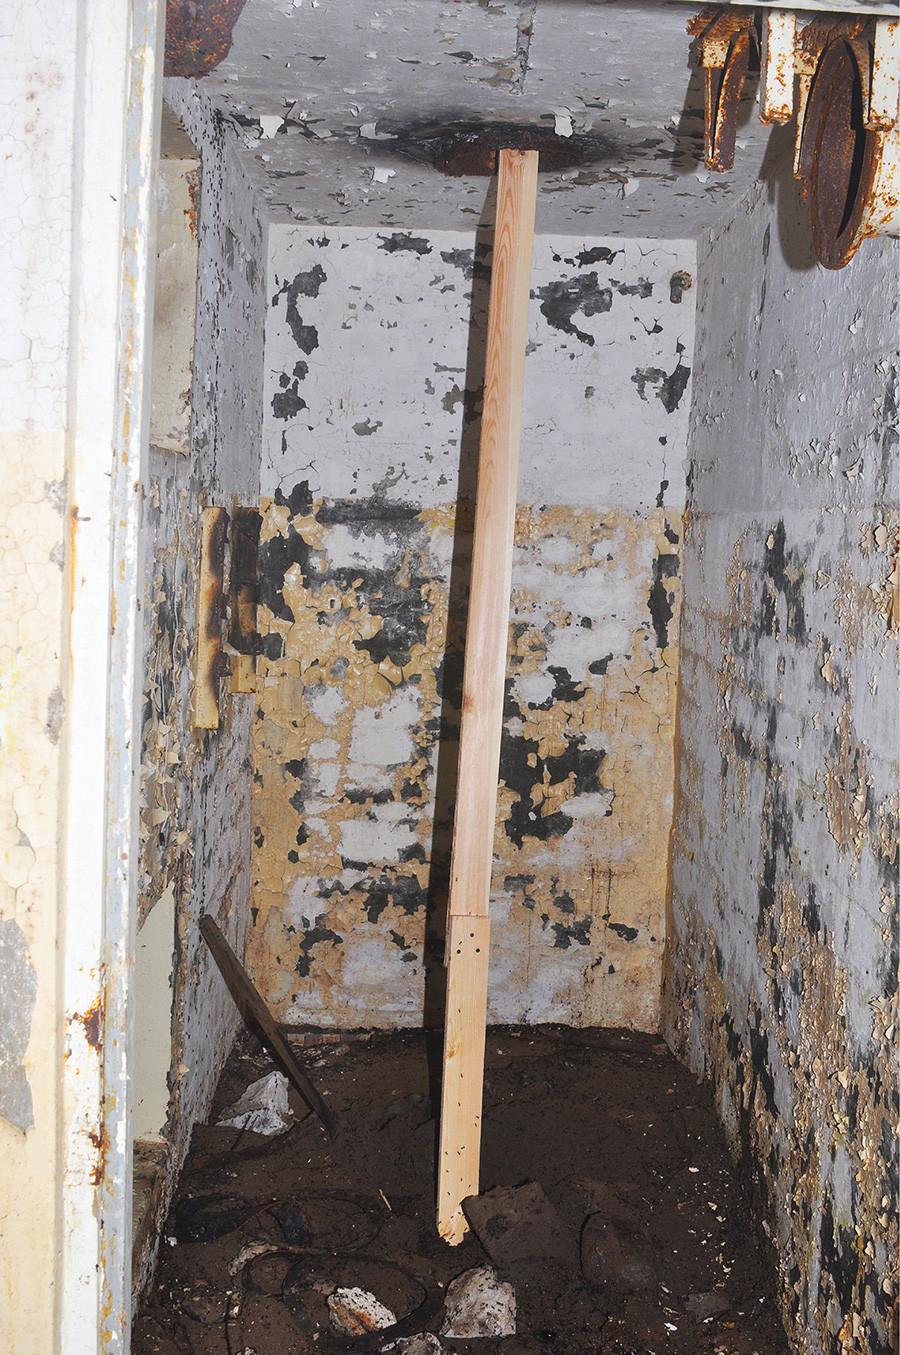 科学者たちは、アリが元の巣に戻ることが出来るように、通路となる板を渡してやることにした。